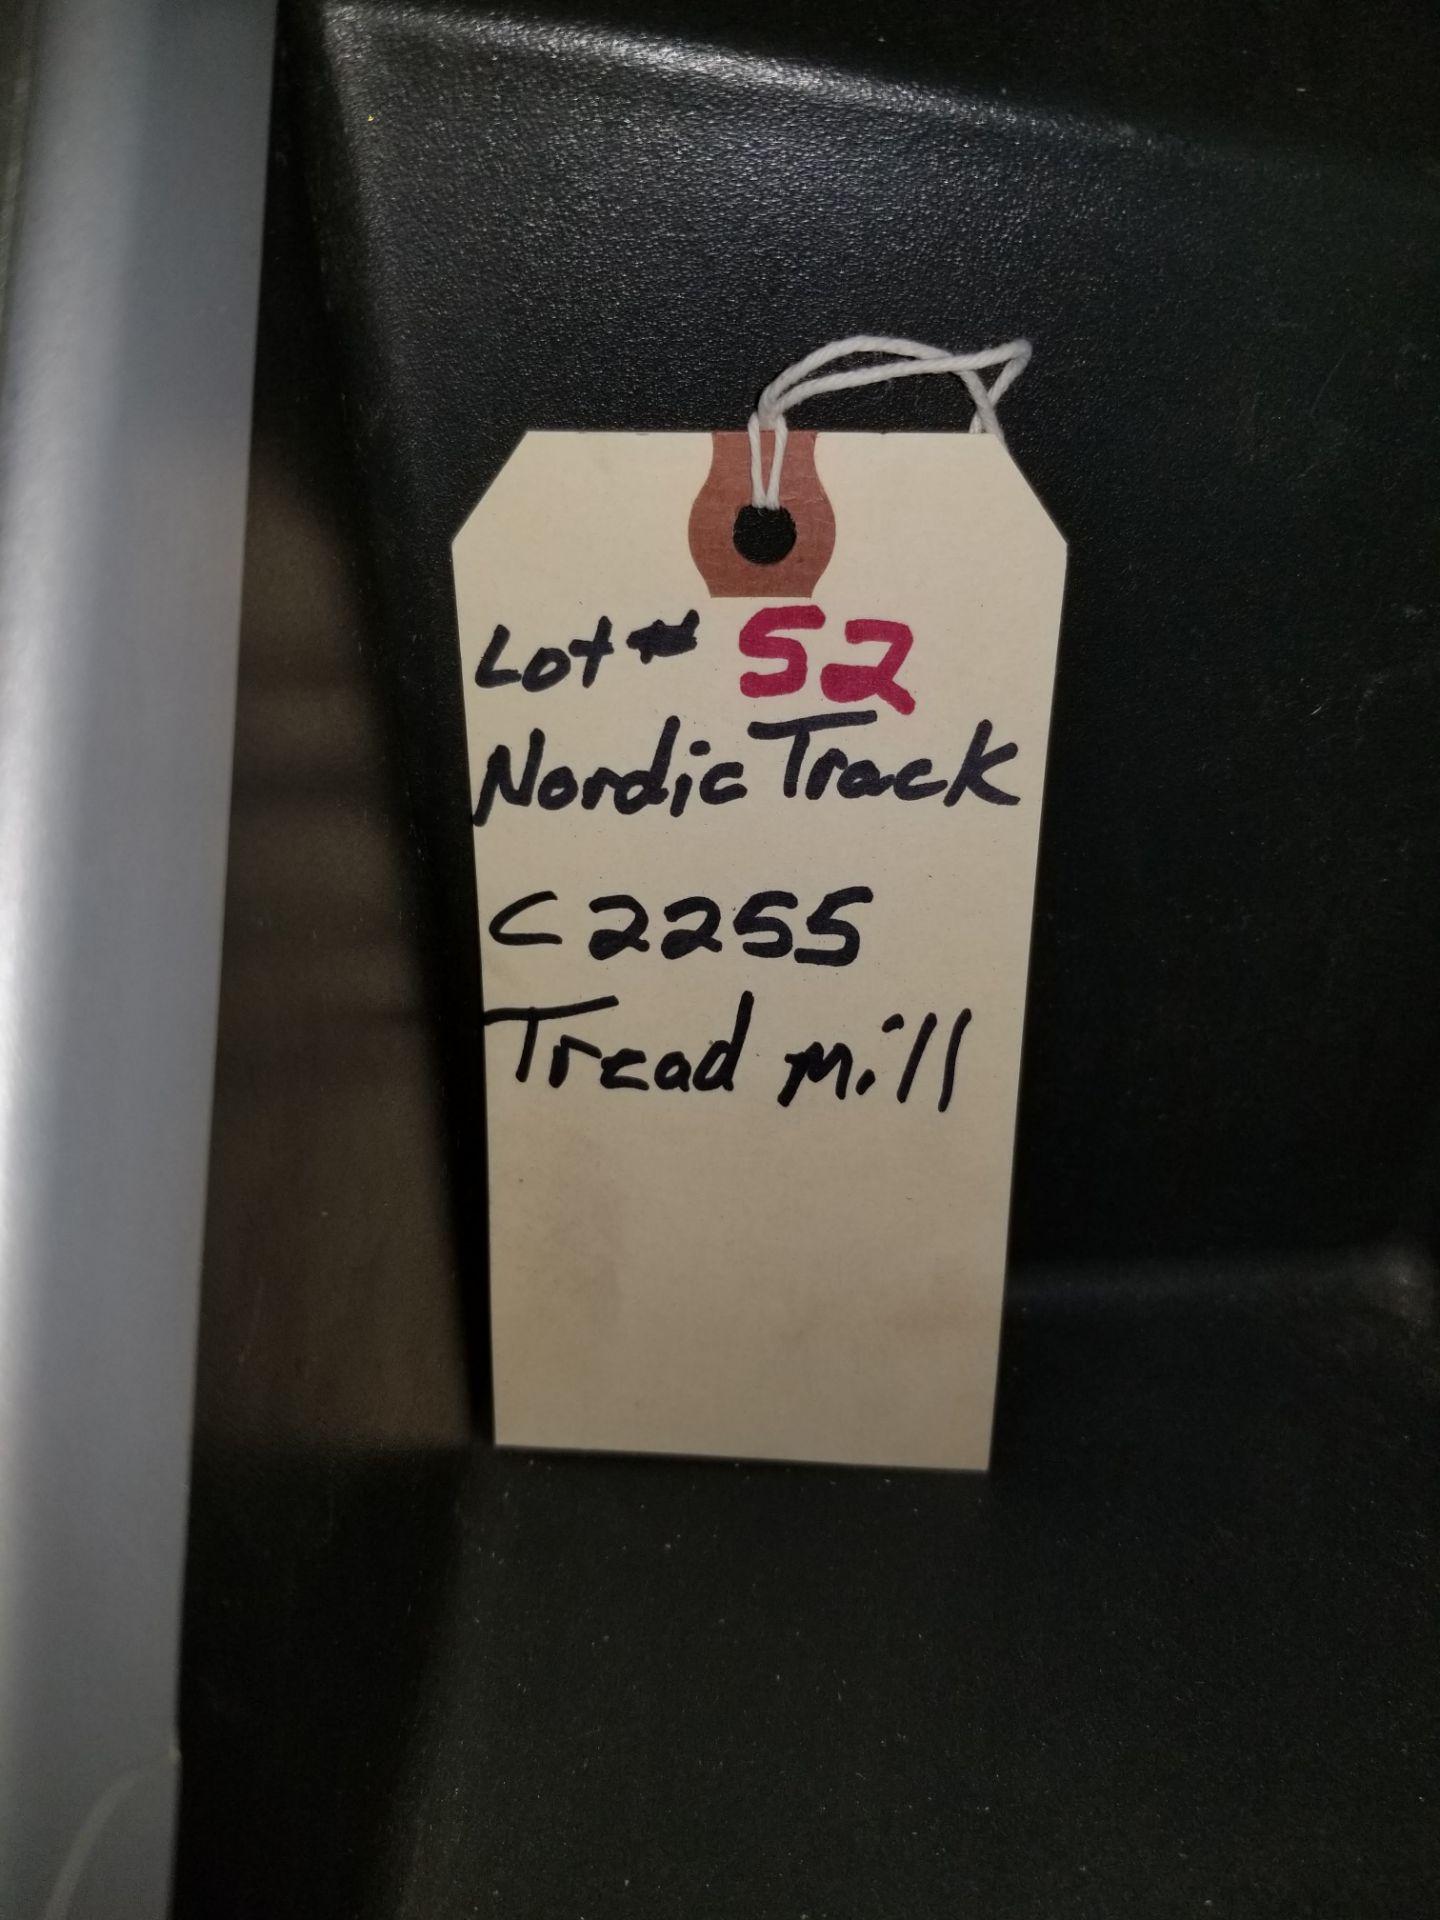 Lot 52 - NordicTrack Tredmill C2255